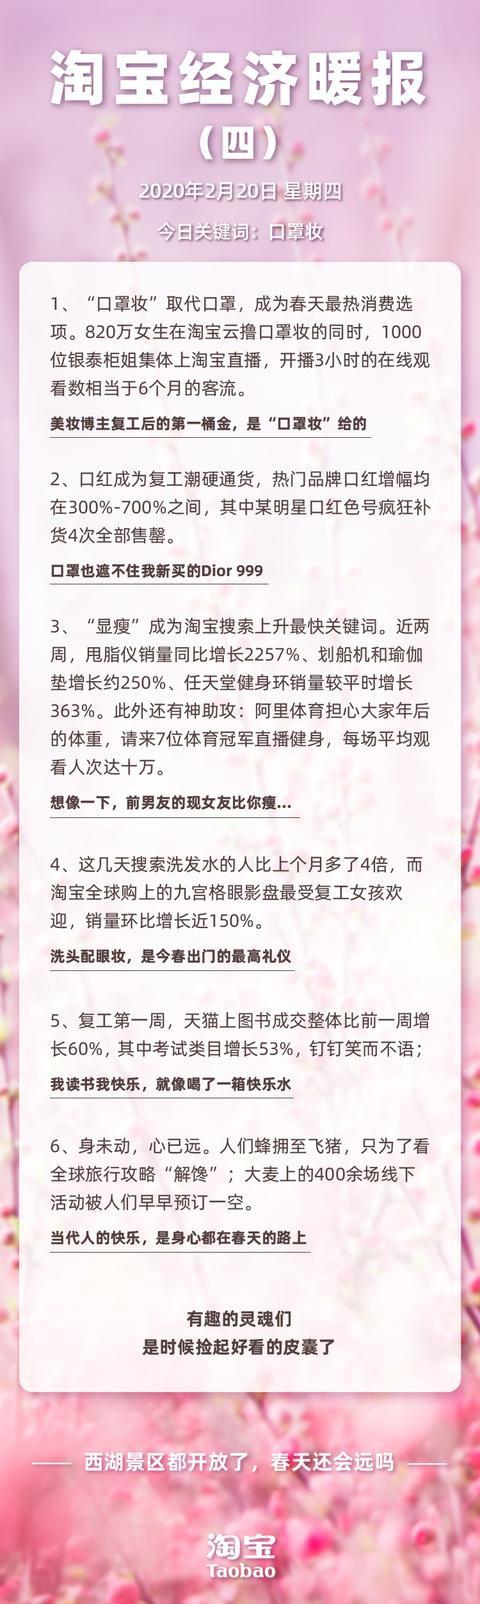 《淘宝经济暖报》:820万人在淘宝直播间学习口罩妆_零售_电商报